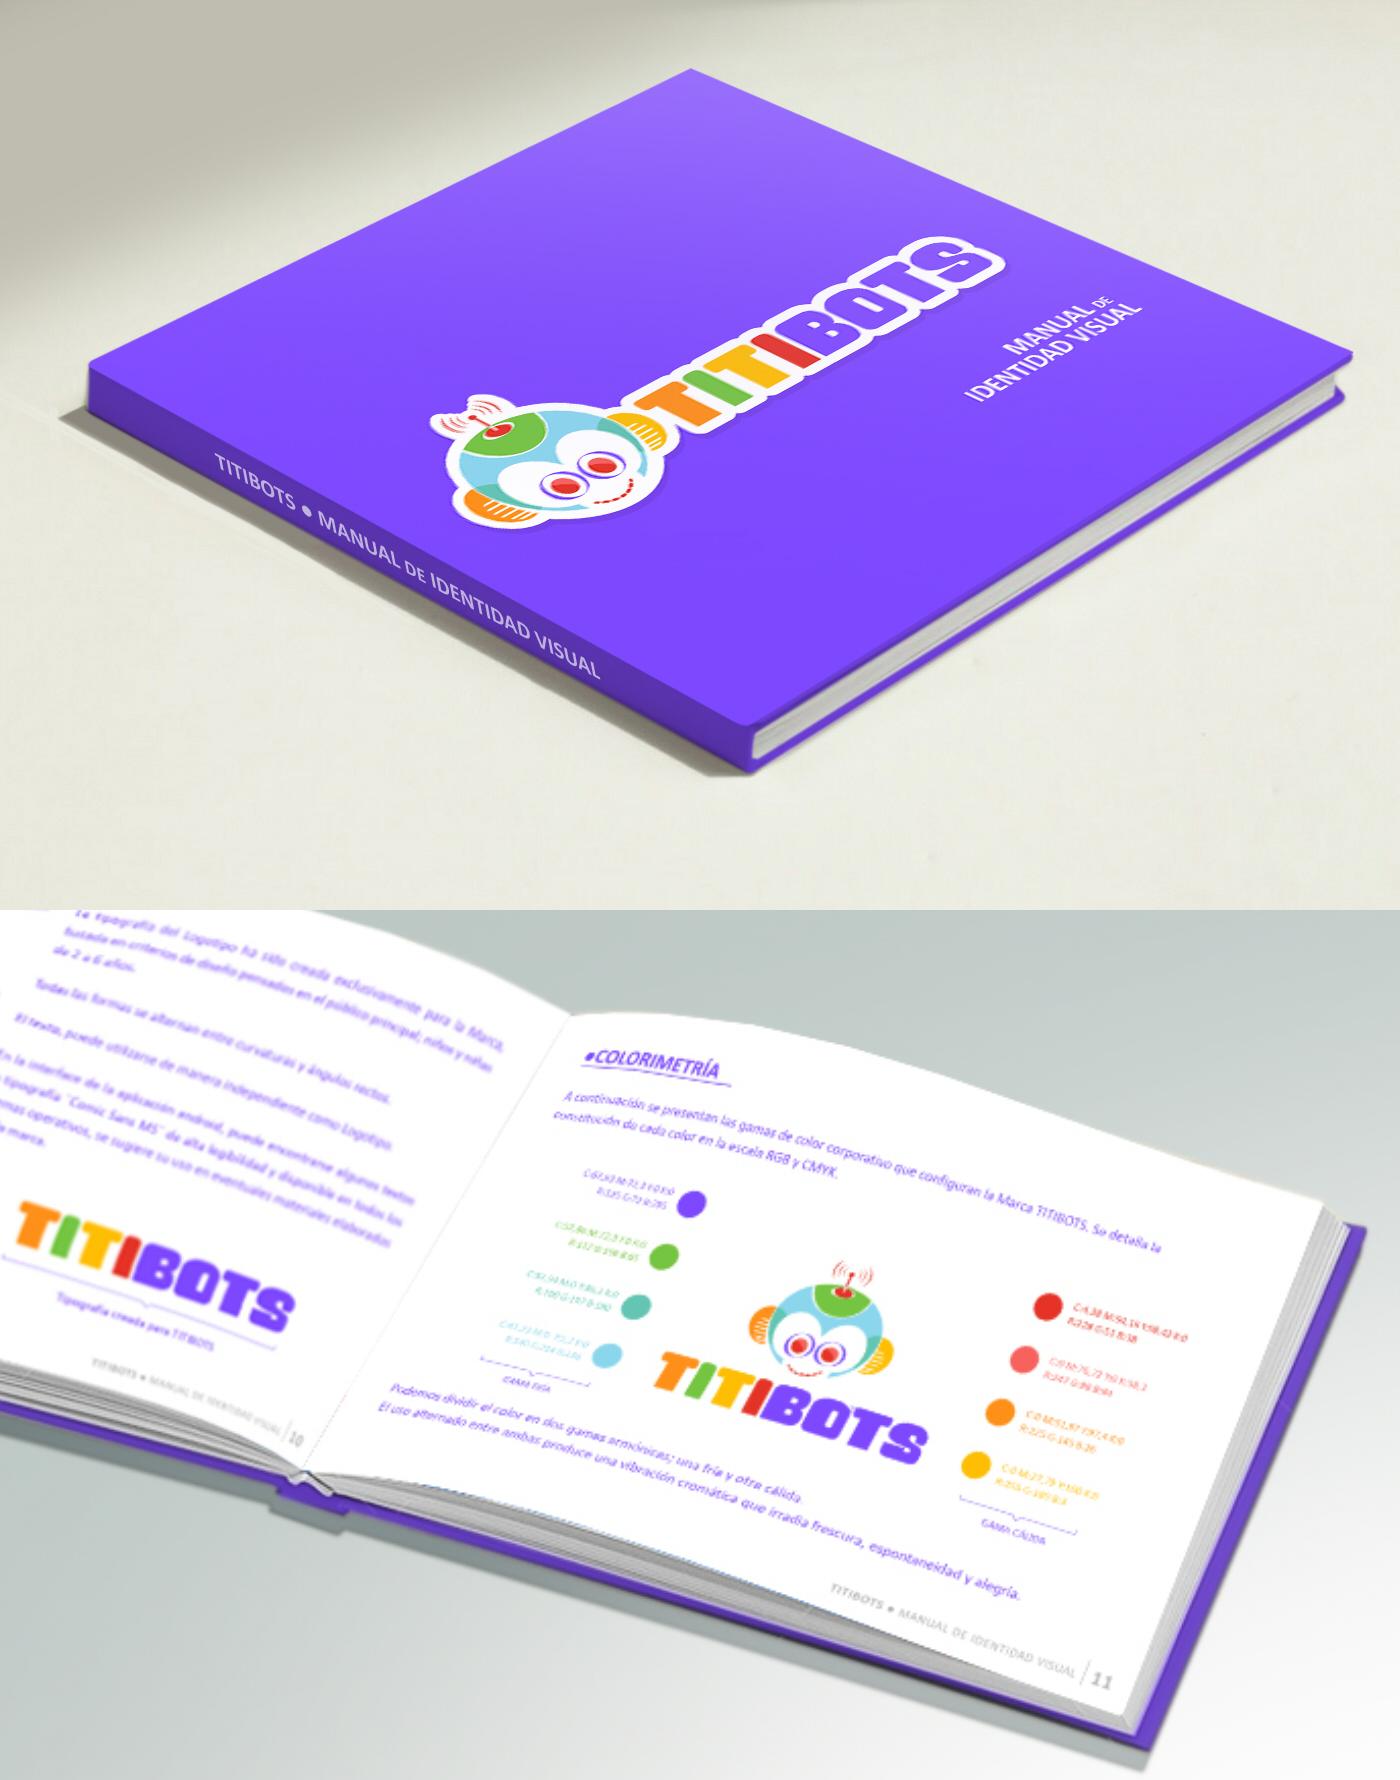 Fotografía del Manual de identidad visual del Proyecto TITIBOTS